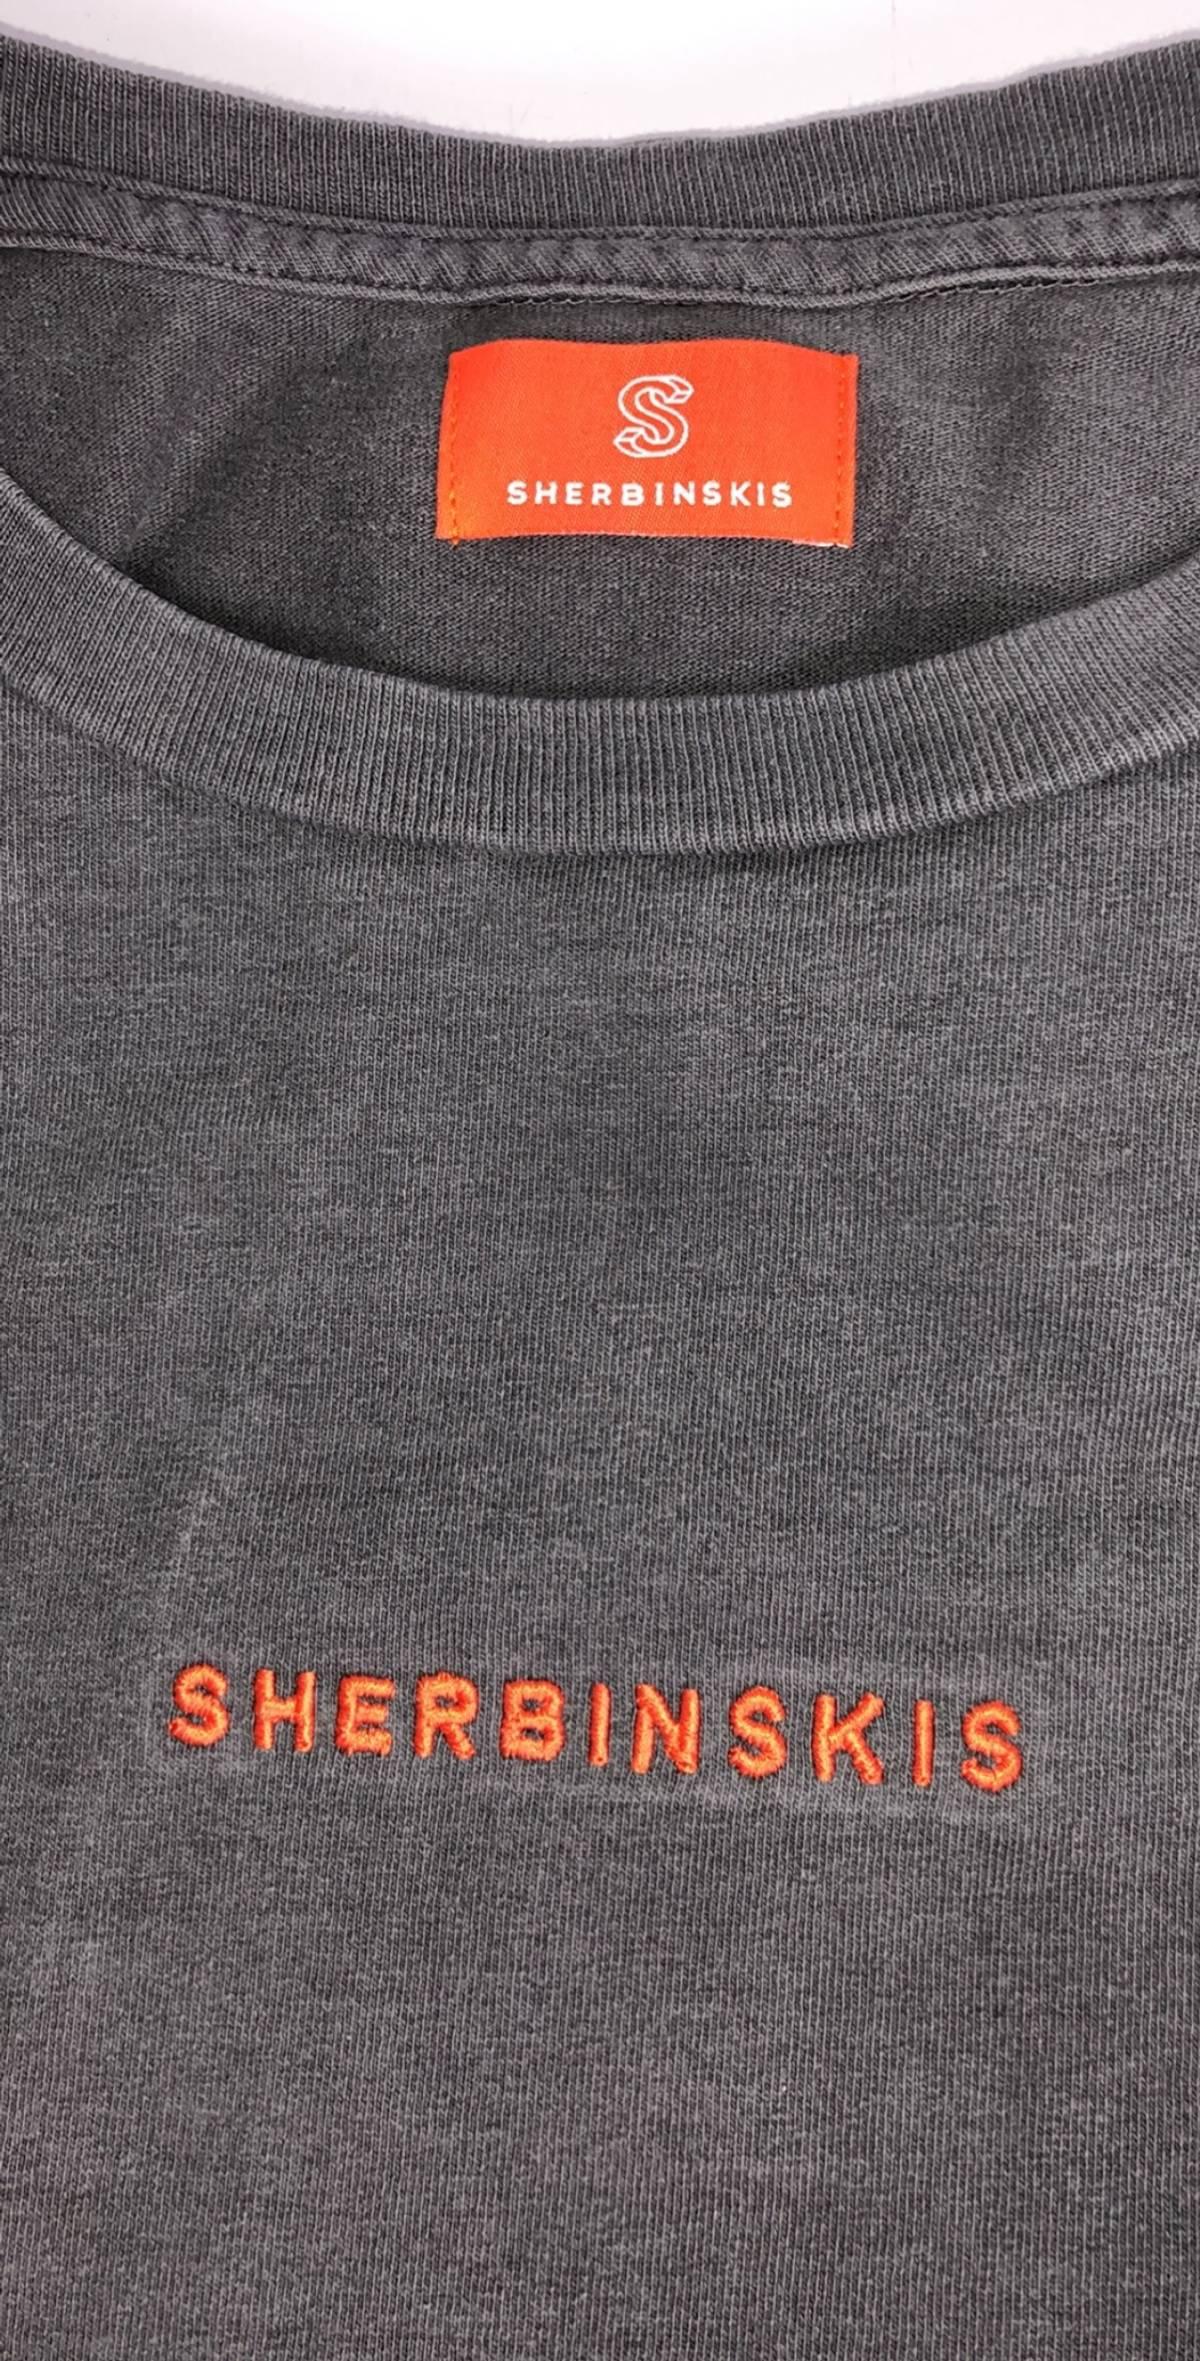 Band Tees Sherbinski Complexcon Tee Size Xxl $104